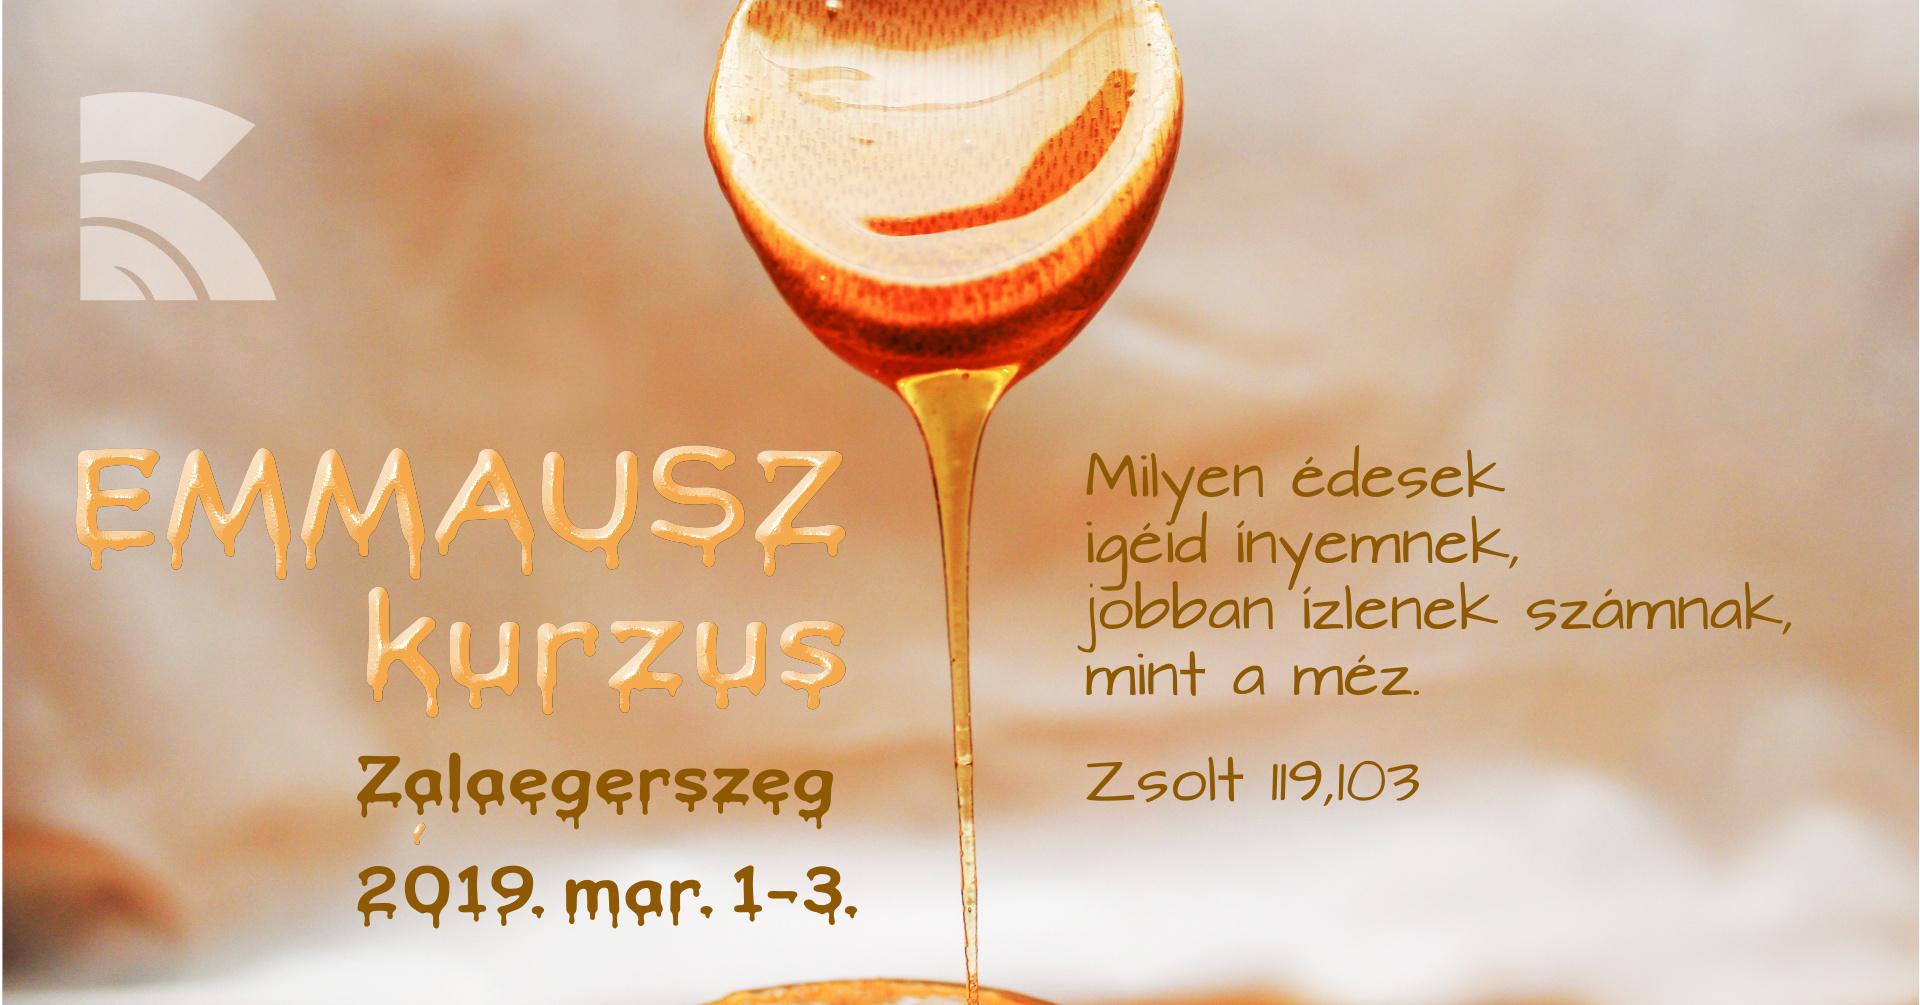 hu-19-9_emmausz_zalaegerszeg_banner_fb.jpg